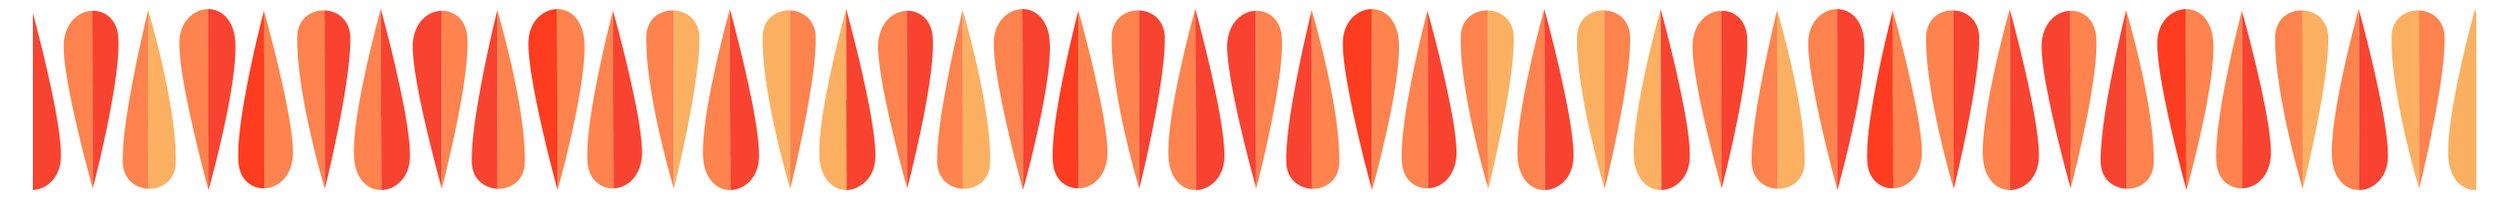 Pattern_Stripe.jpg